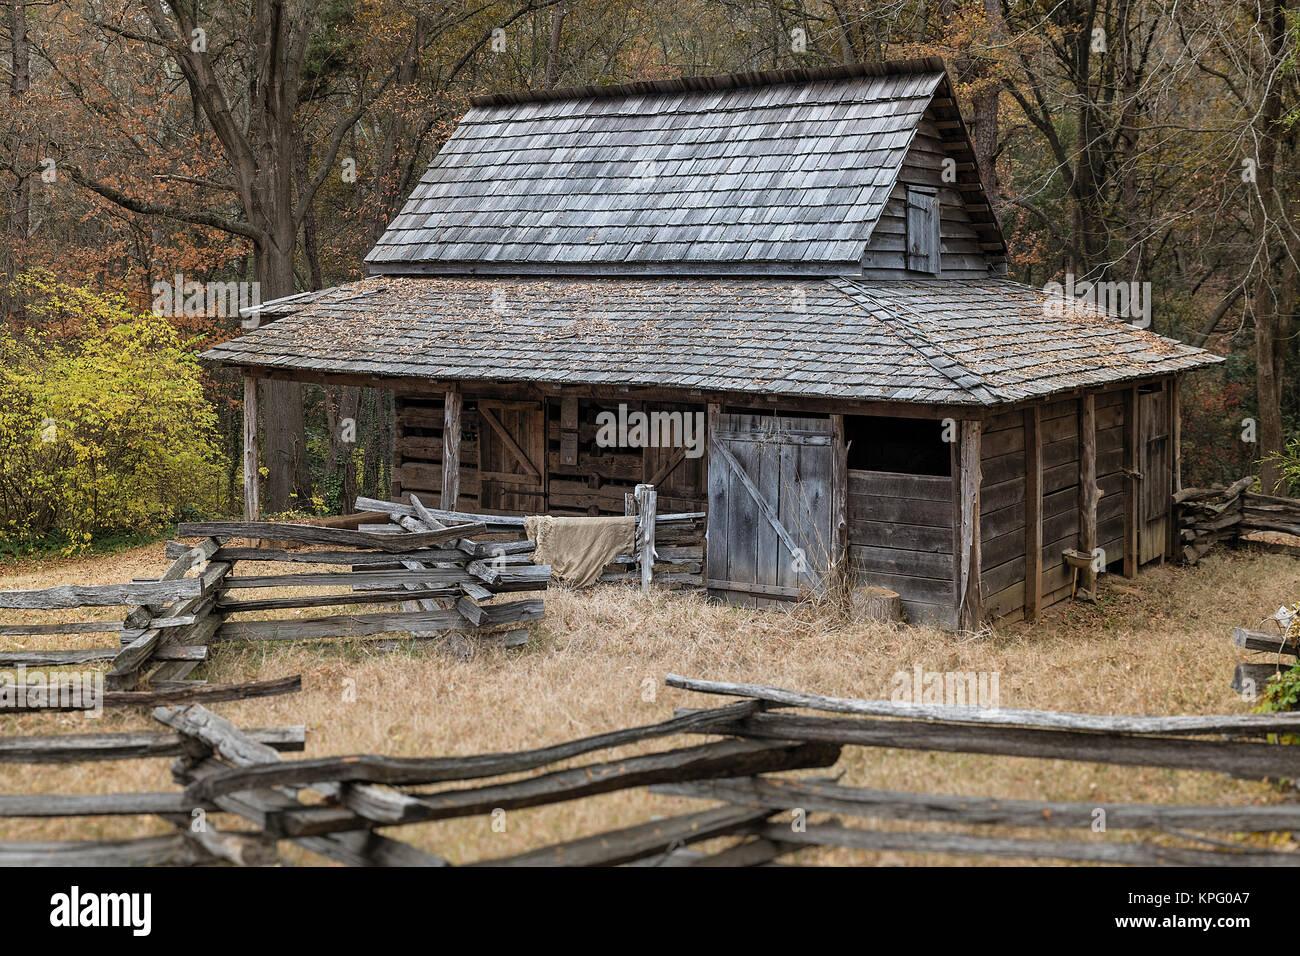 Historic backcountry farm house, Gastonia, North Carolina, USA. - Stock Image